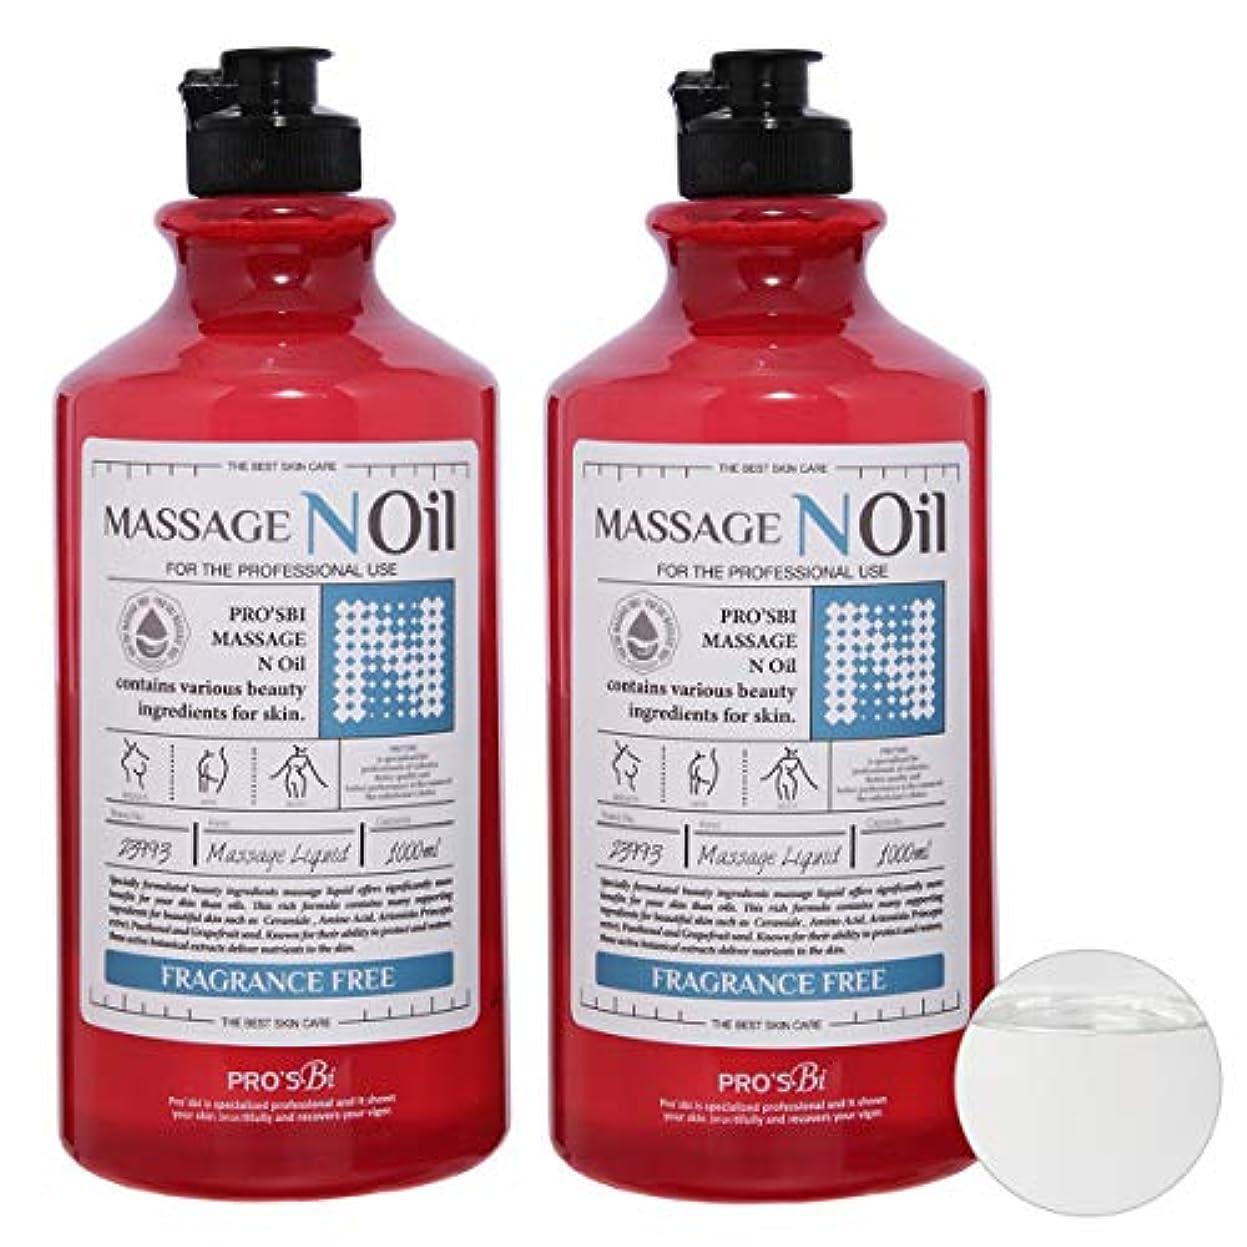 ペデスタル順応性ニコチン< プロズビ> マッサージノイル 無香 1L (2個セット) [ オイルフリー マッサージオイル マッサージジェル ボディマッサージオイル ボディオイル アロママッサージオイル マッサージリキッド グリセリン 水溶性 敏感肌 無香料 業務用 ]